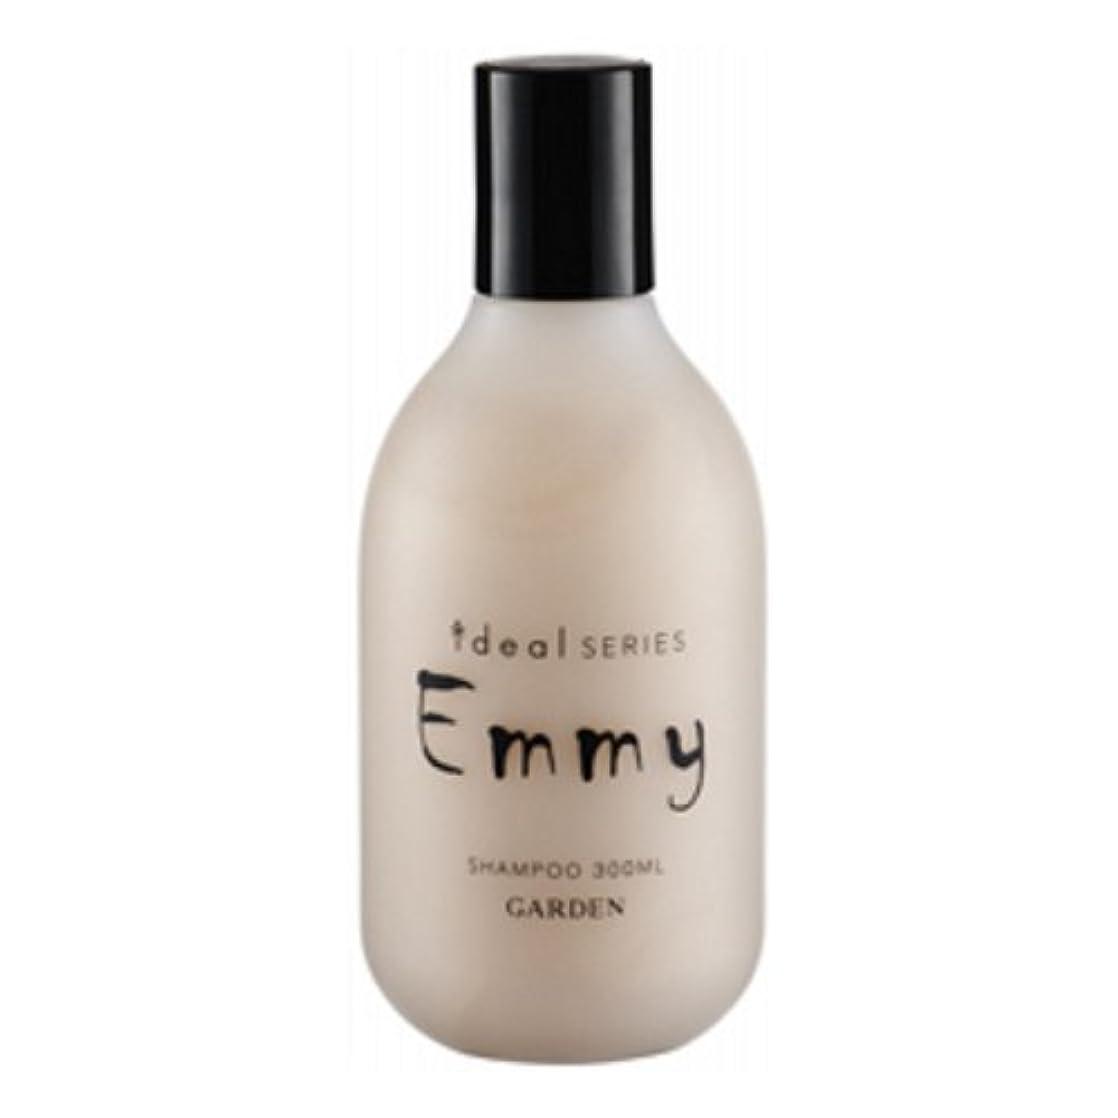 高潔な確認するスティーブンソンGARDEN ideal SERIES (イデアルシリーズ) Emmy エミー ふんわりベーシックシャンプー 300ml